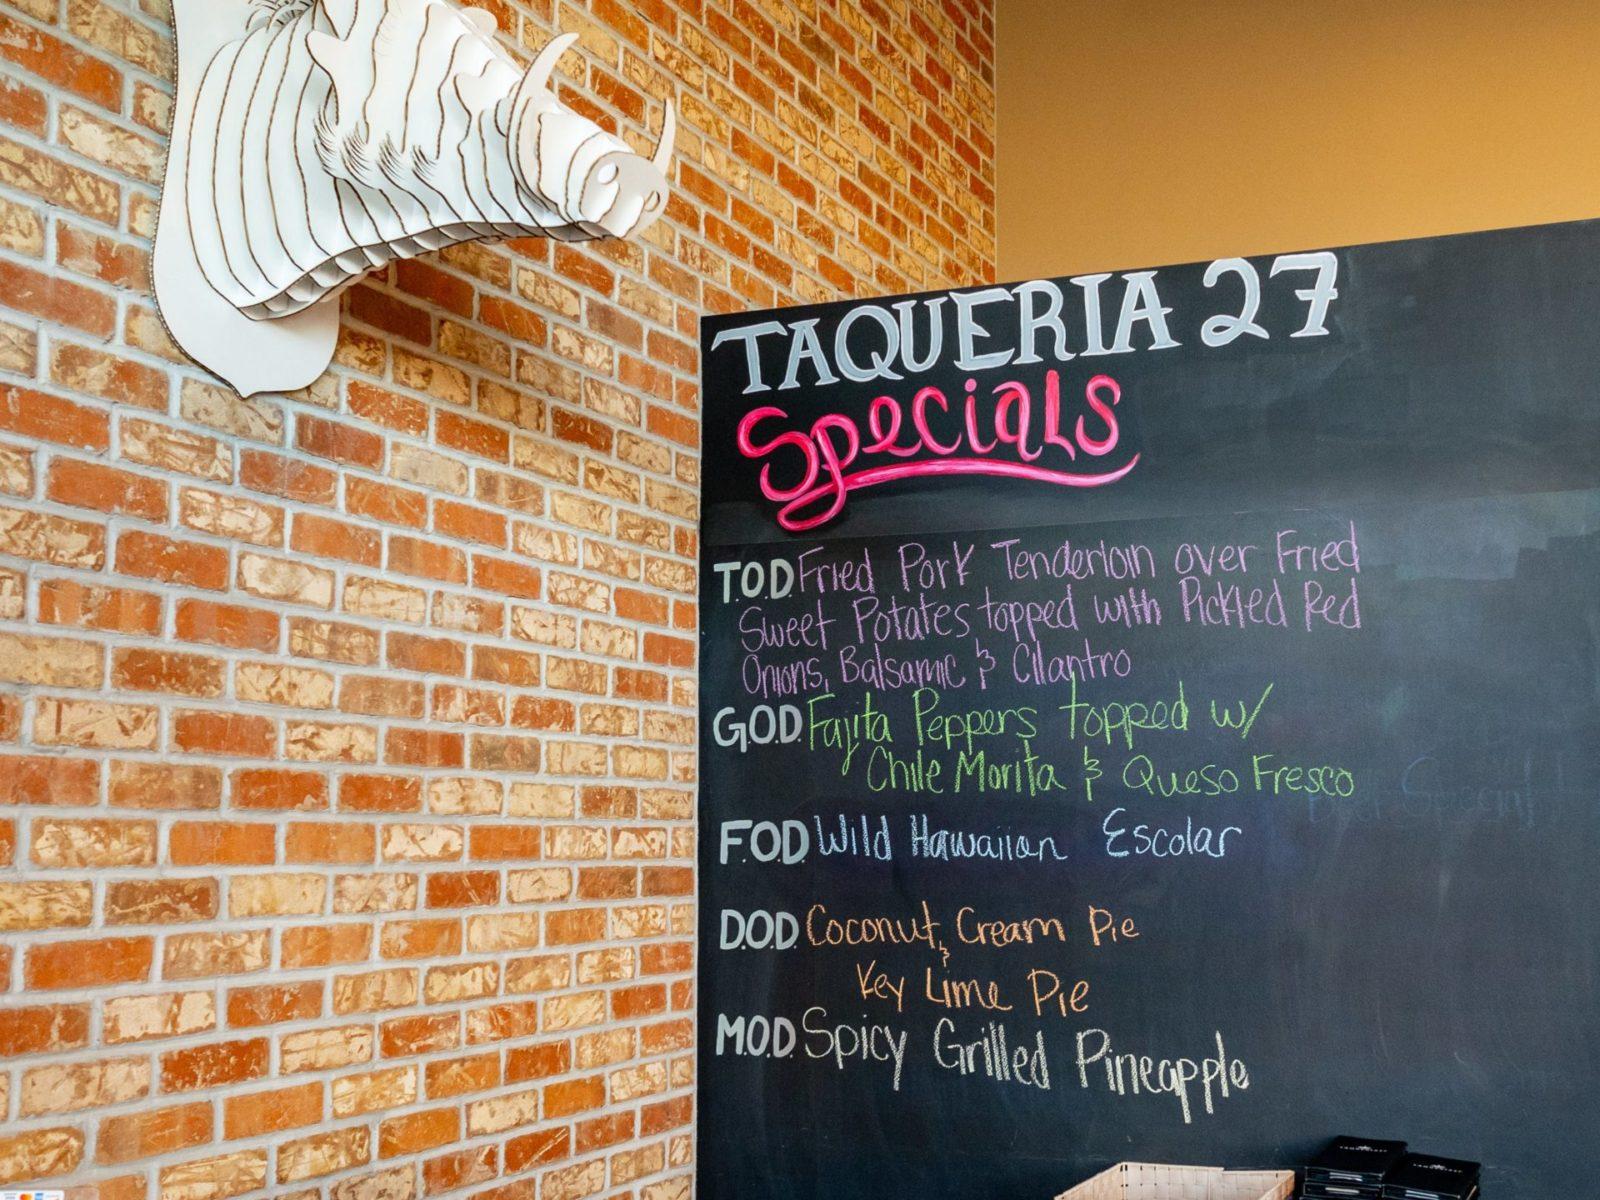 Specials menu at Taqueria 27